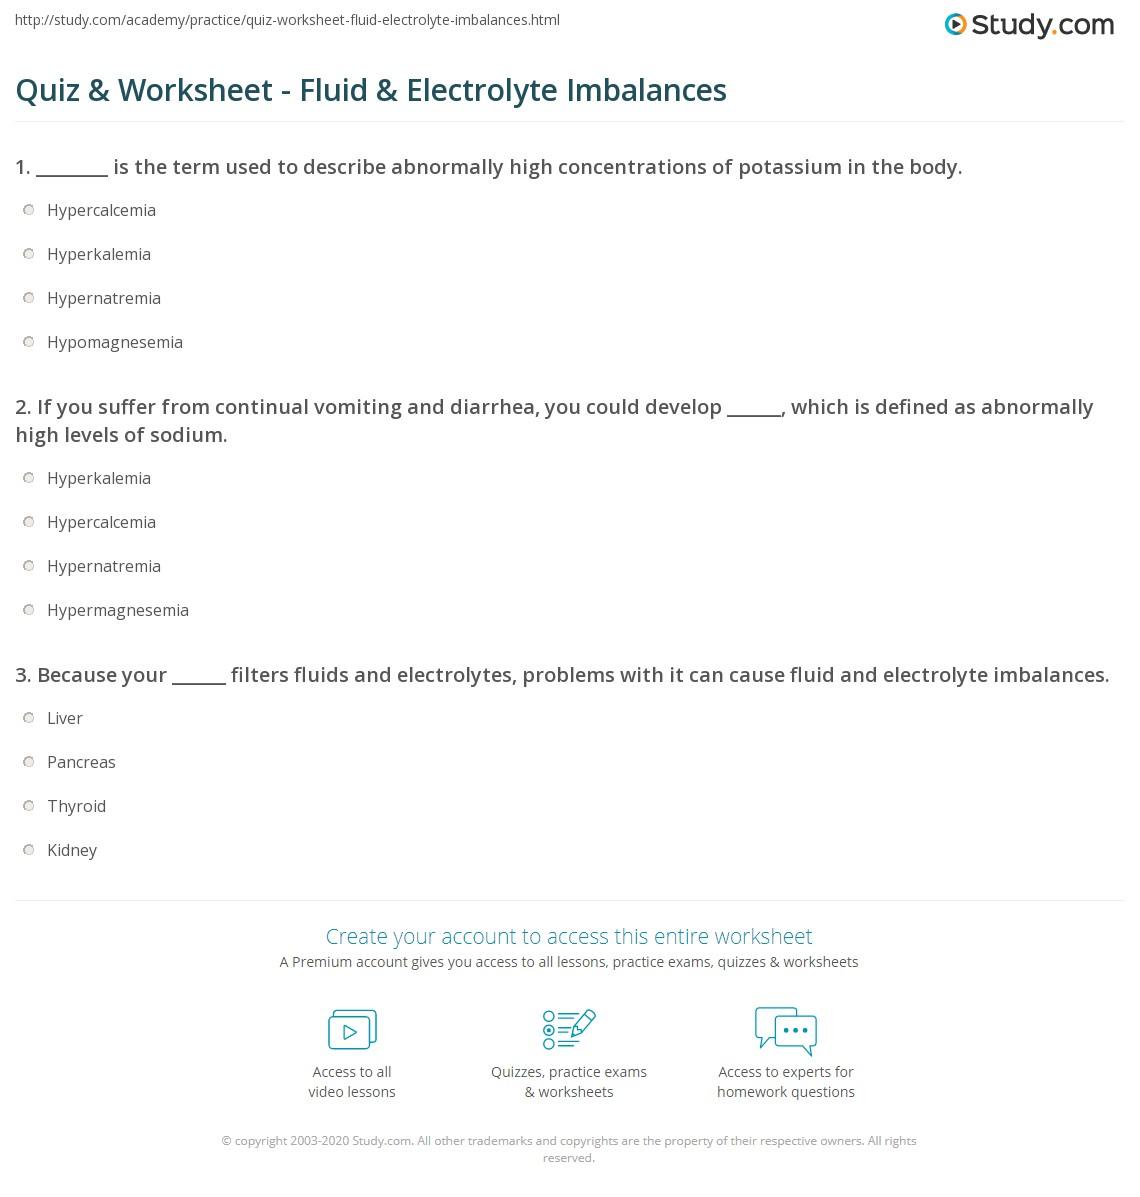 quiz worksheet fluid electrolyte imbalances. Black Bedroom Furniture Sets. Home Design Ideas